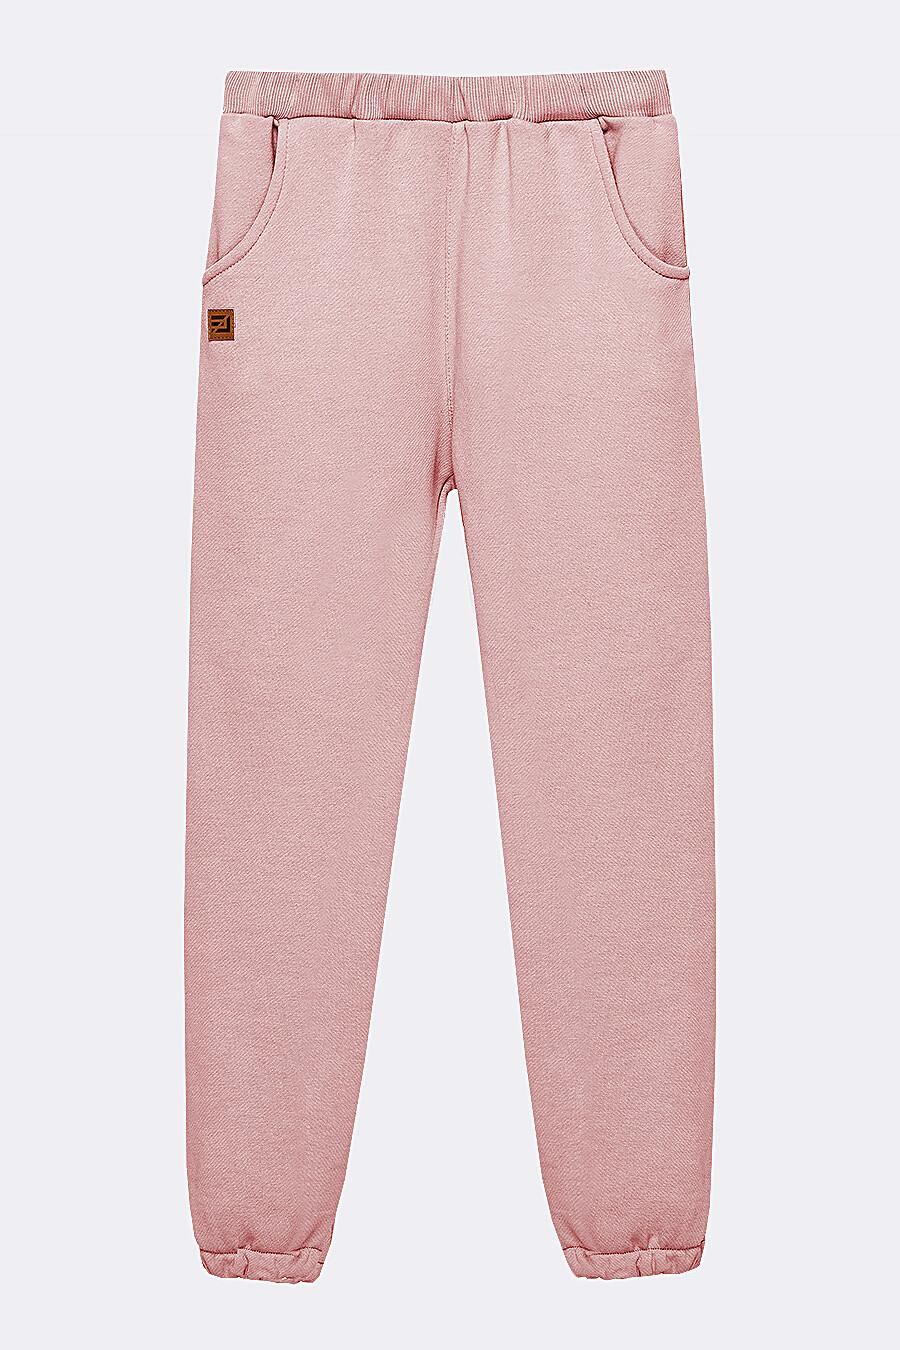 Костюм(Худи+Брюки) для девочек EZANNA 682428 купить оптом от производителя. Совместная покупка детской одежды в OptMoyo